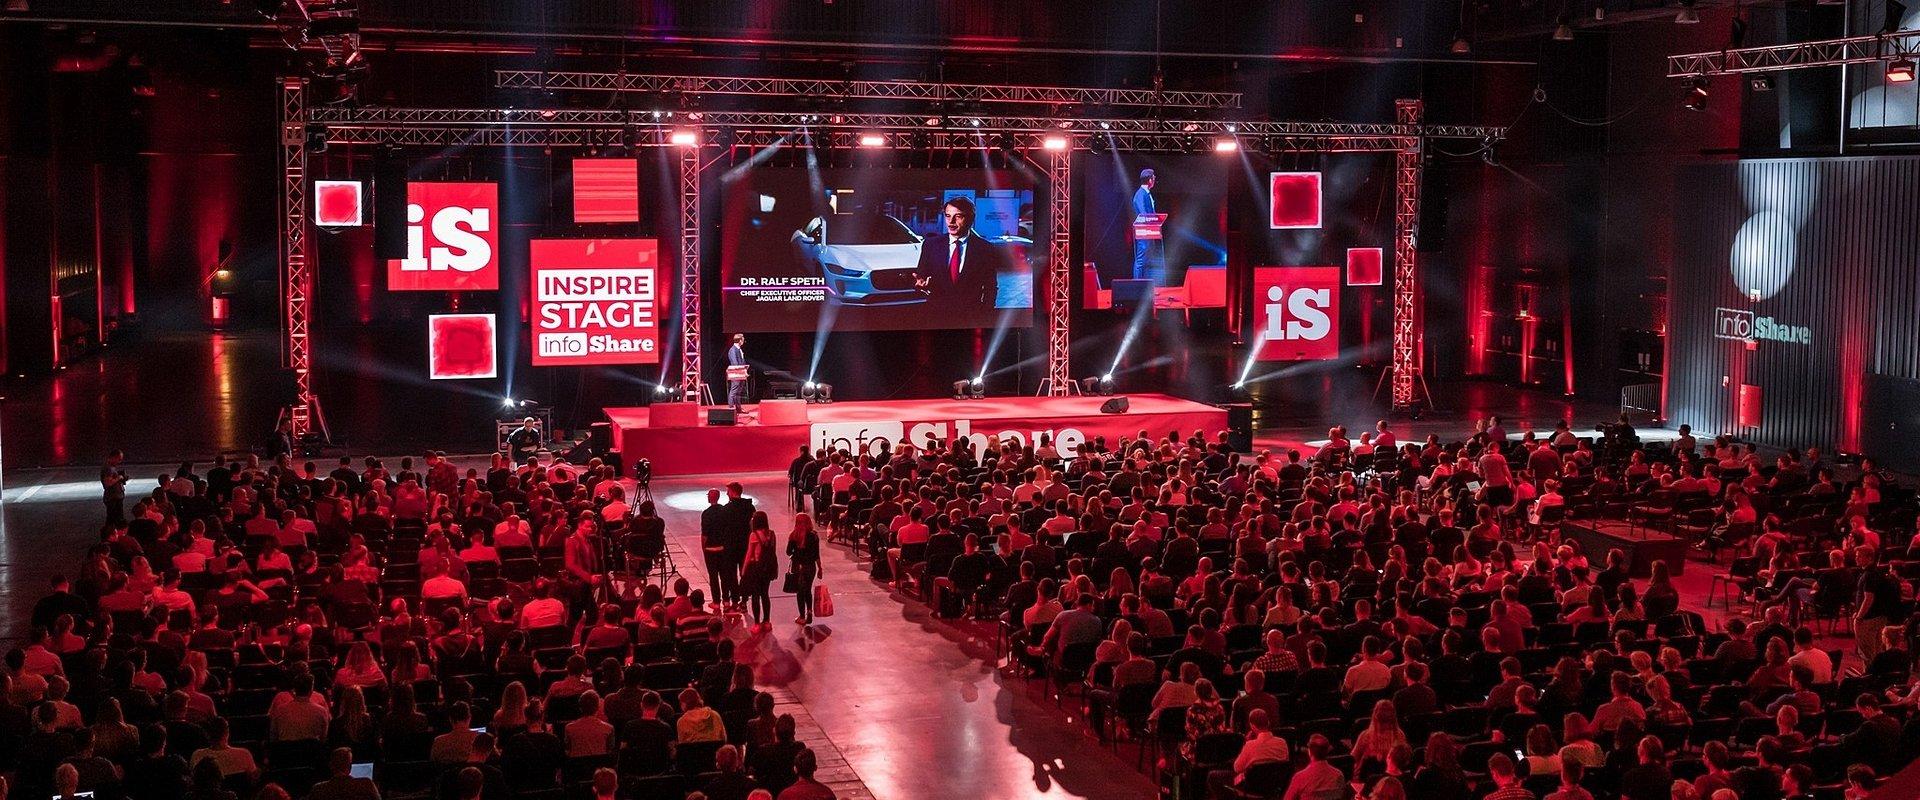 Specjaliści ze Spotify, Niebezpiecznik, Revolut i ekspert Data Science Formuły 1 na Infoshare 2021 w Gdańsku. Organizatorzy ujawniają szczegóły konferencji